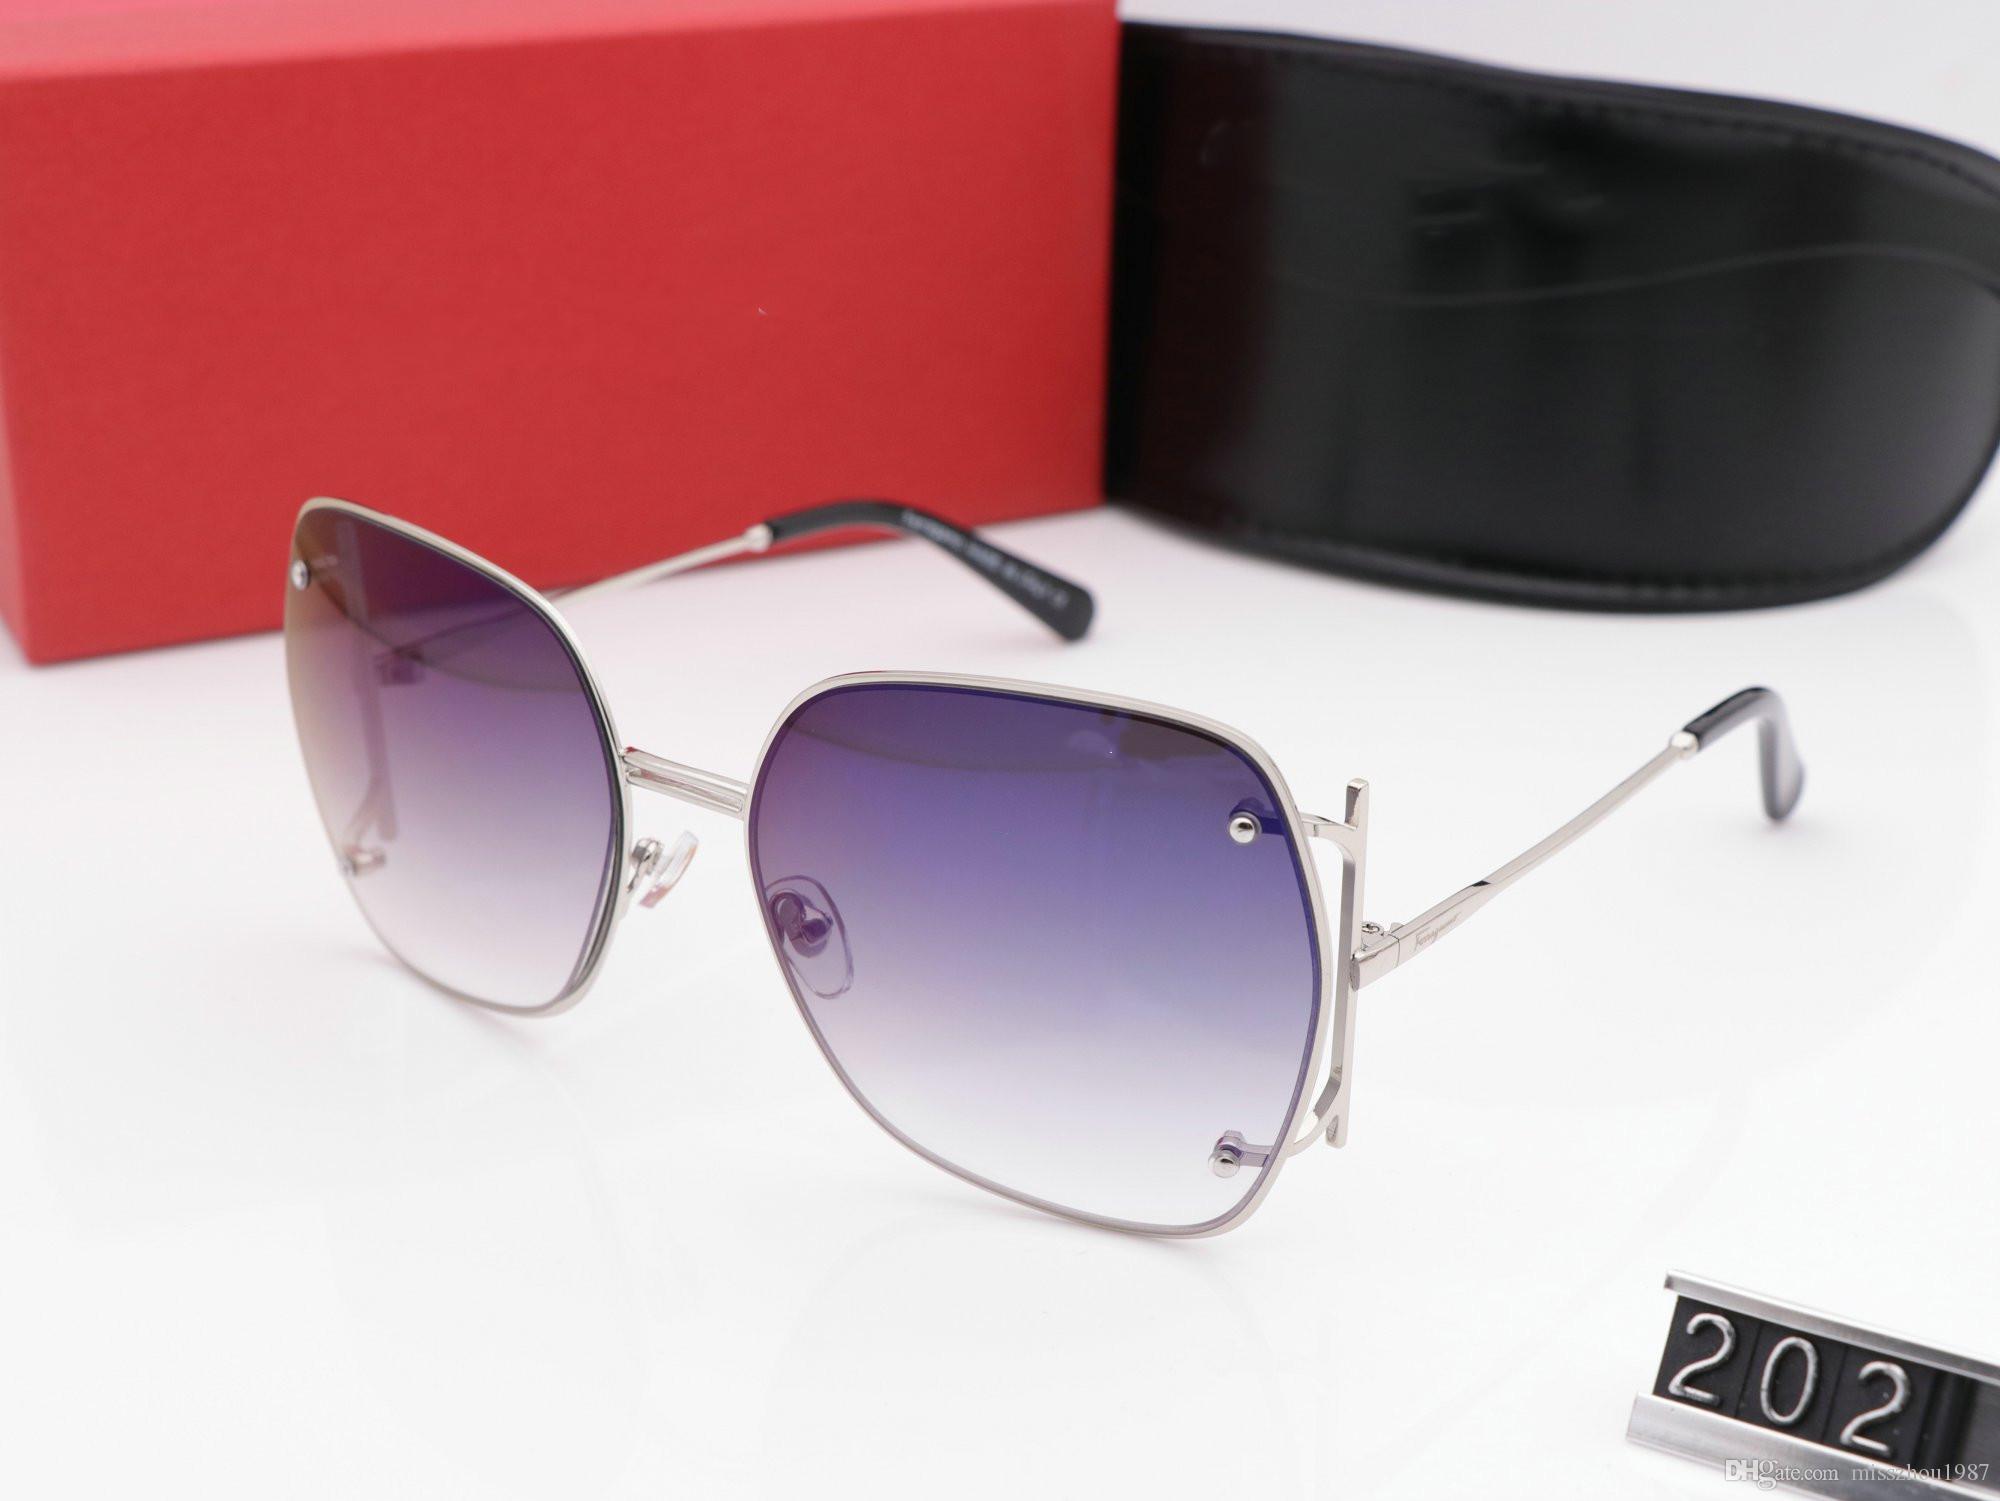 Box ile Kadın Gözlük Sürüş UV400 Adumbral ve Logo Yüksek kaliteli Yeni Sıcak için 2020 Tasarımcı Güneş Lüks Güneş Moda Markası